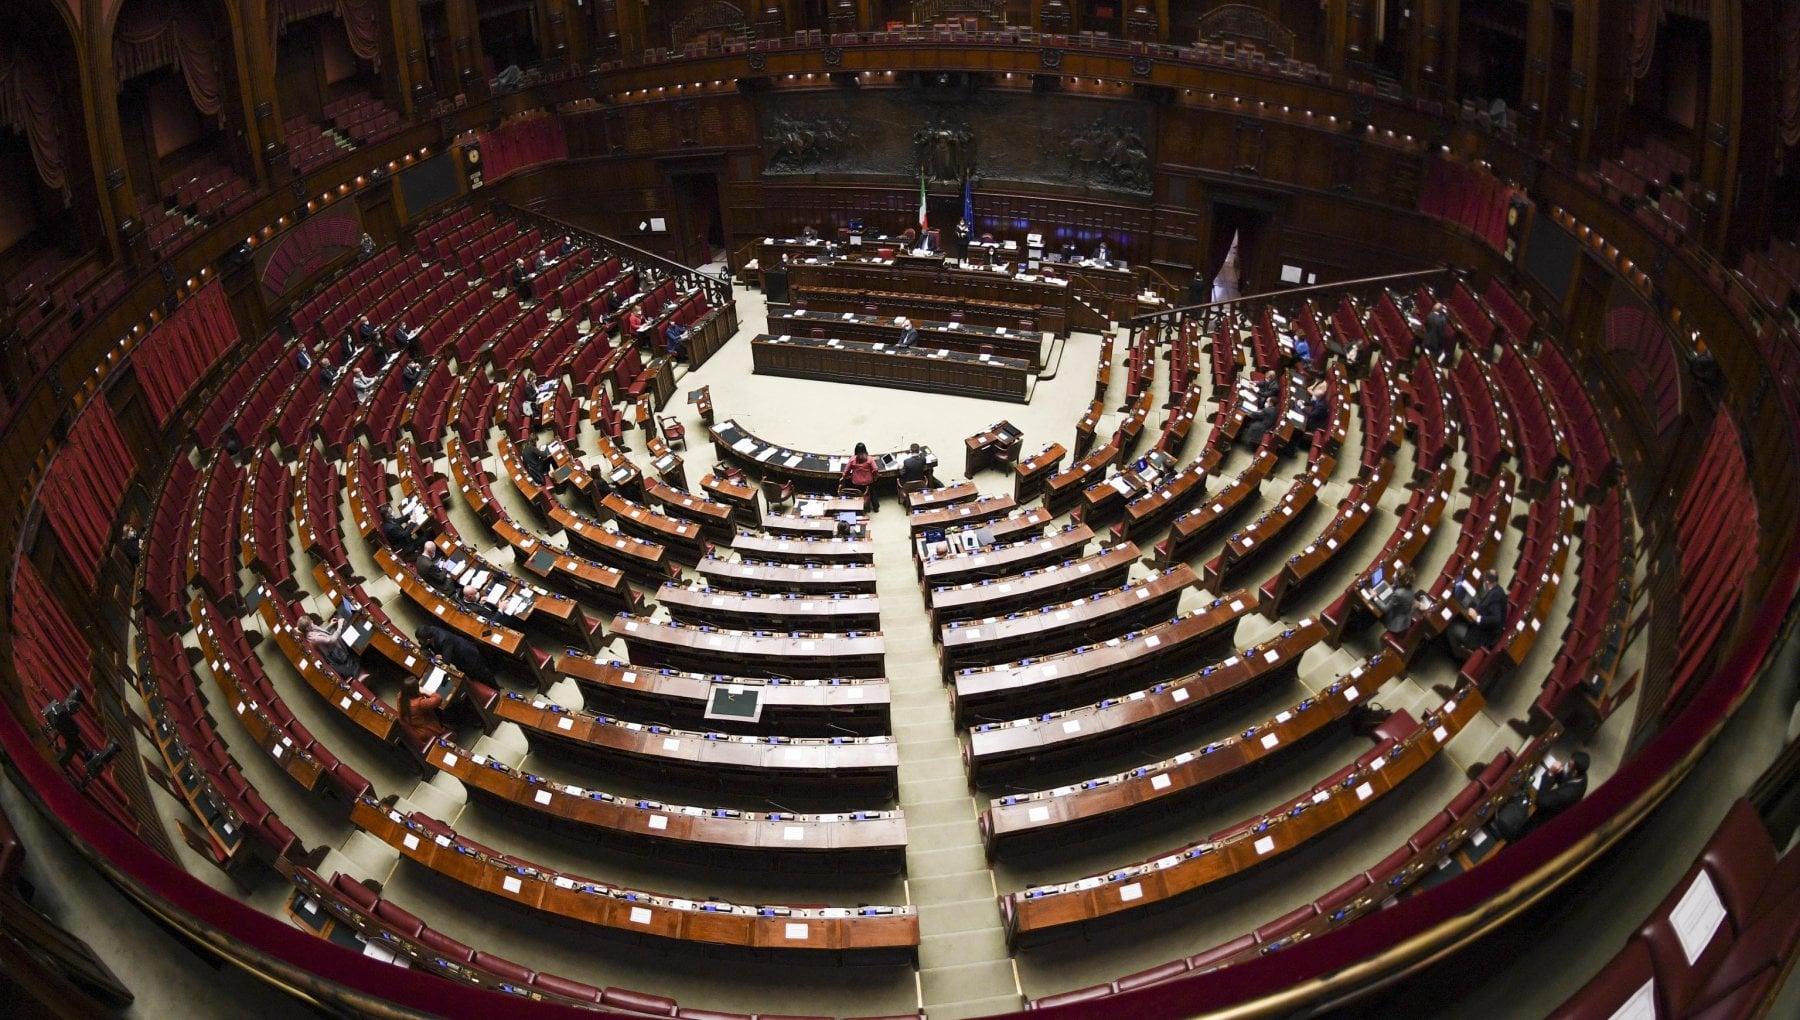 Legge di Bilancio 2021 la Camera approva. Ora tre giorni per chiudere in Senato